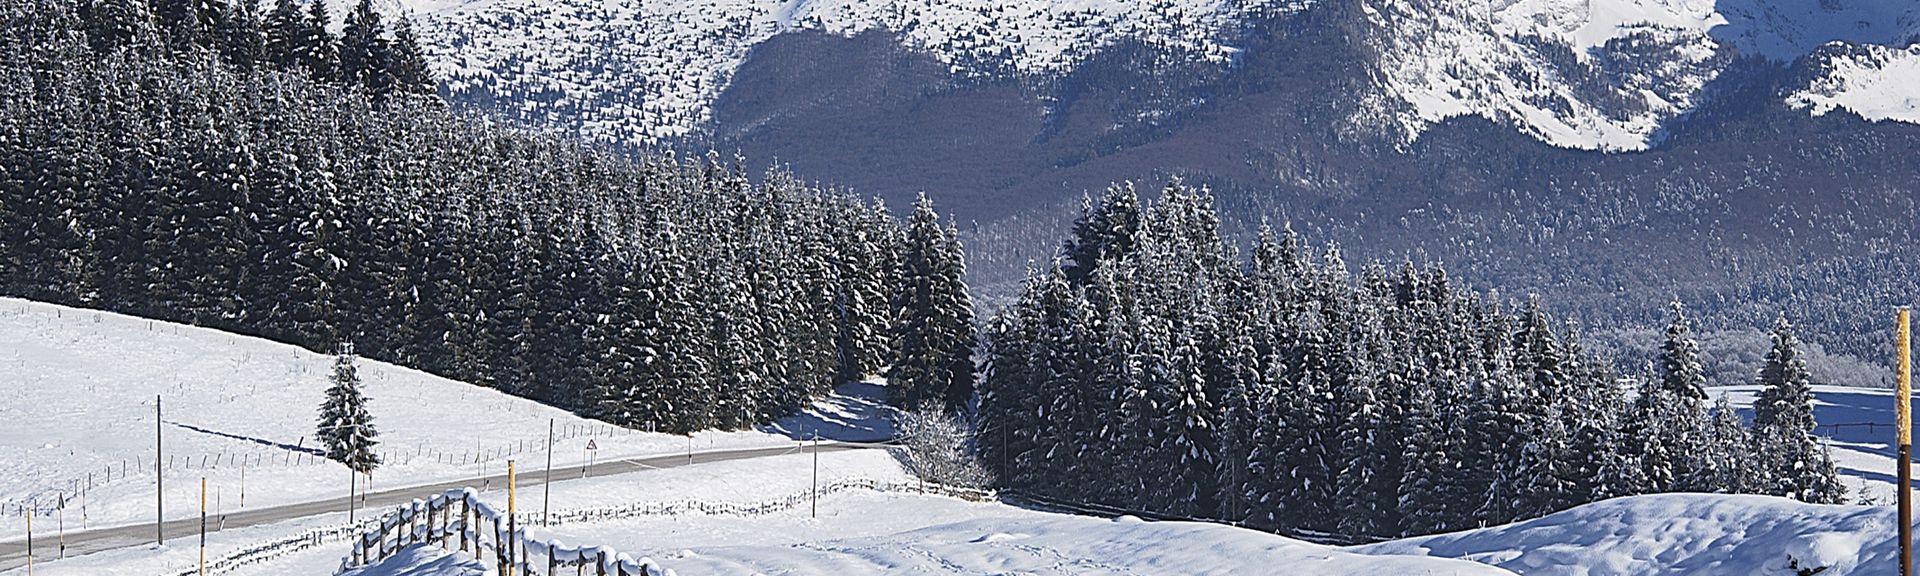 PN, Friuli-Venezia Giulia, Italien